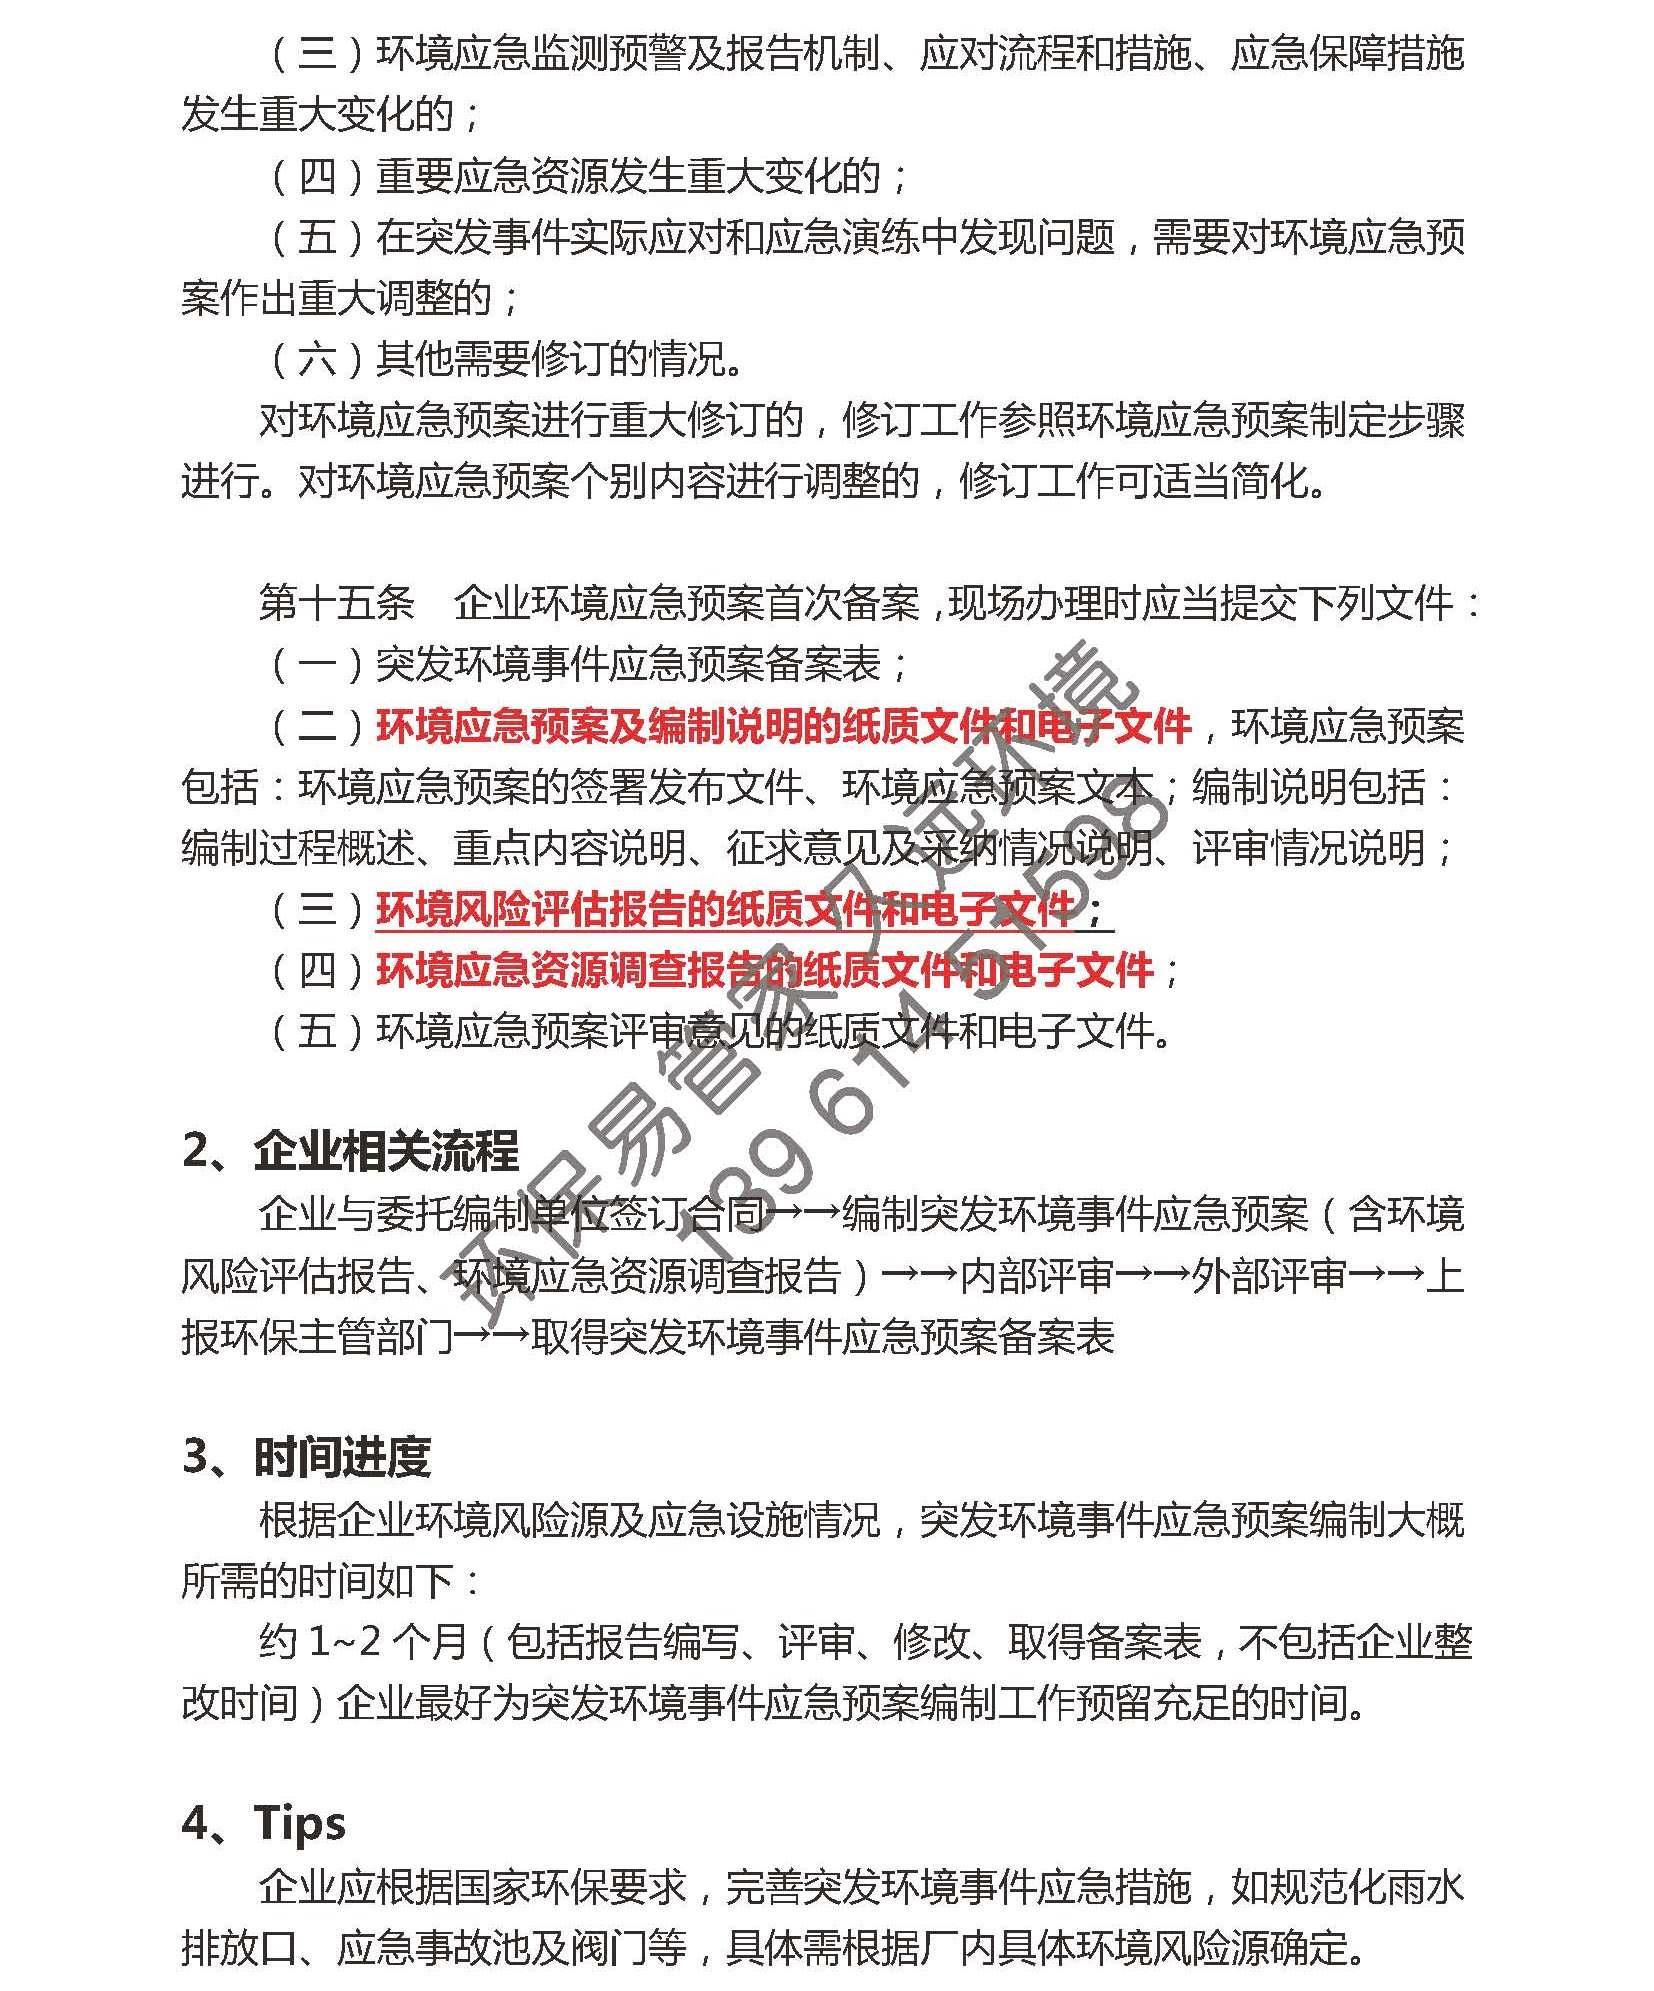 环境风险评价 文字材料_页面_2